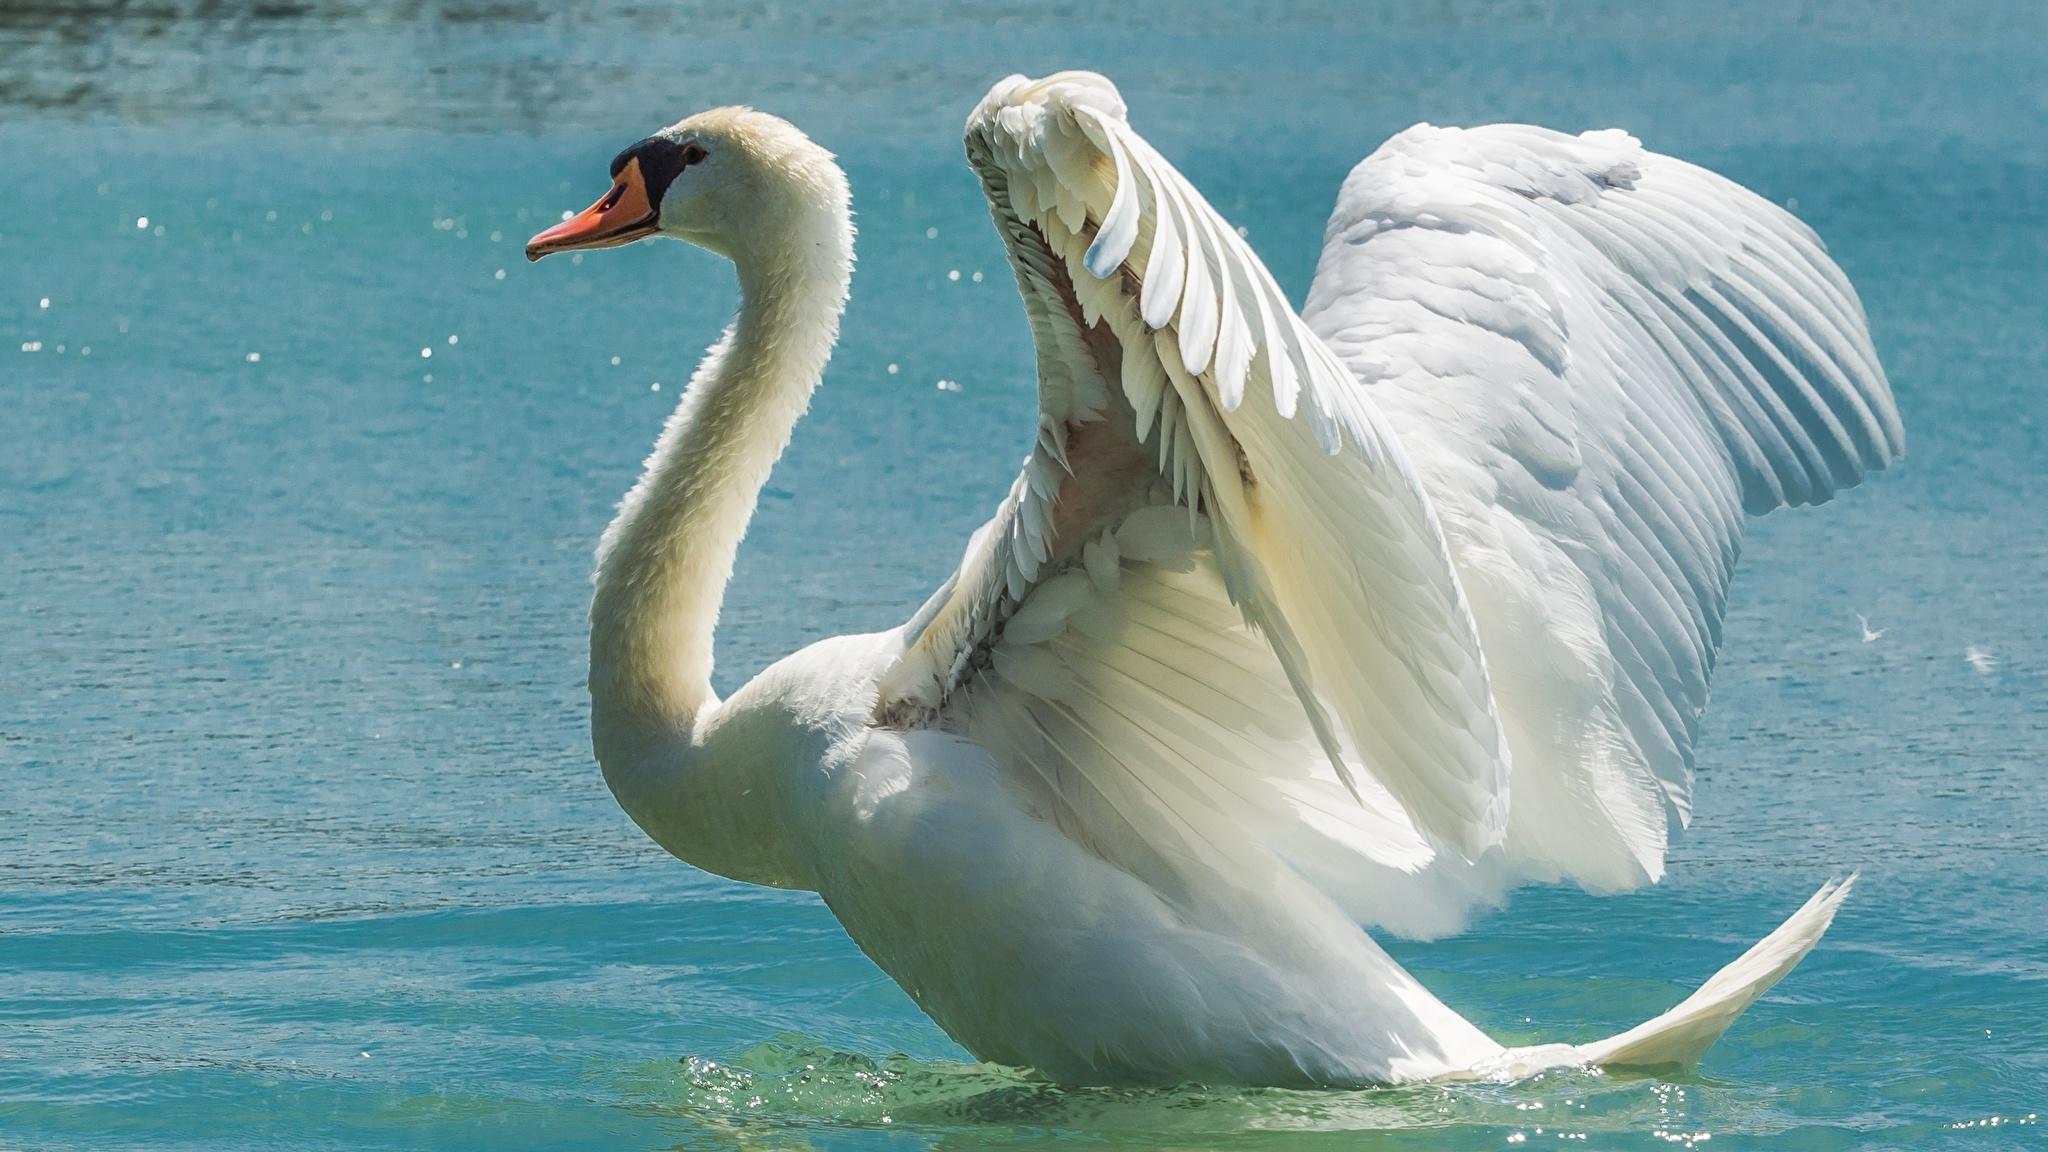 Обои на телефон с лебедями (13)